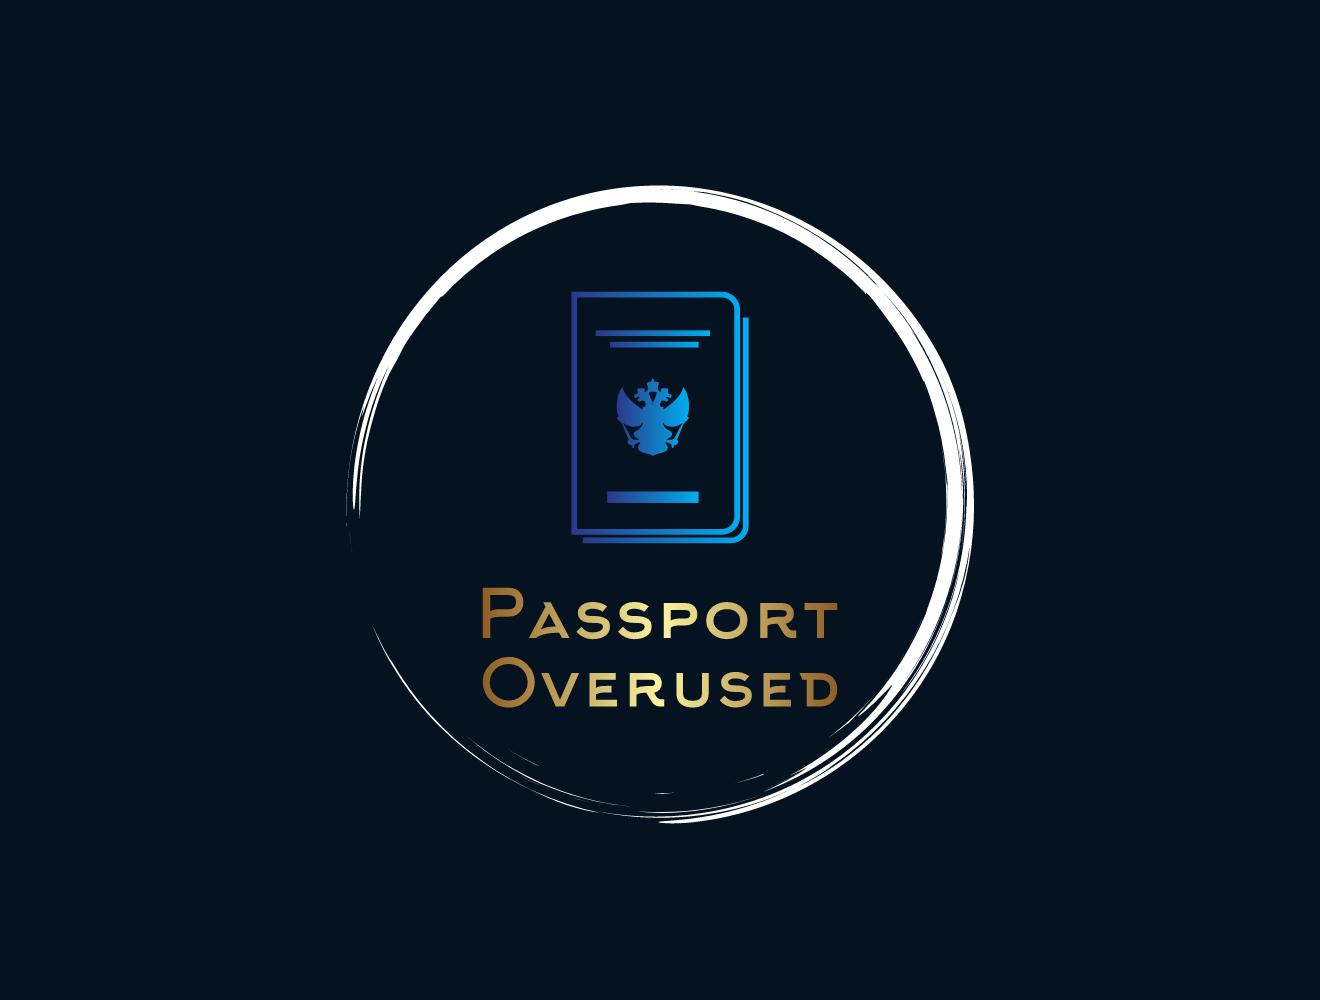 Passport Overused